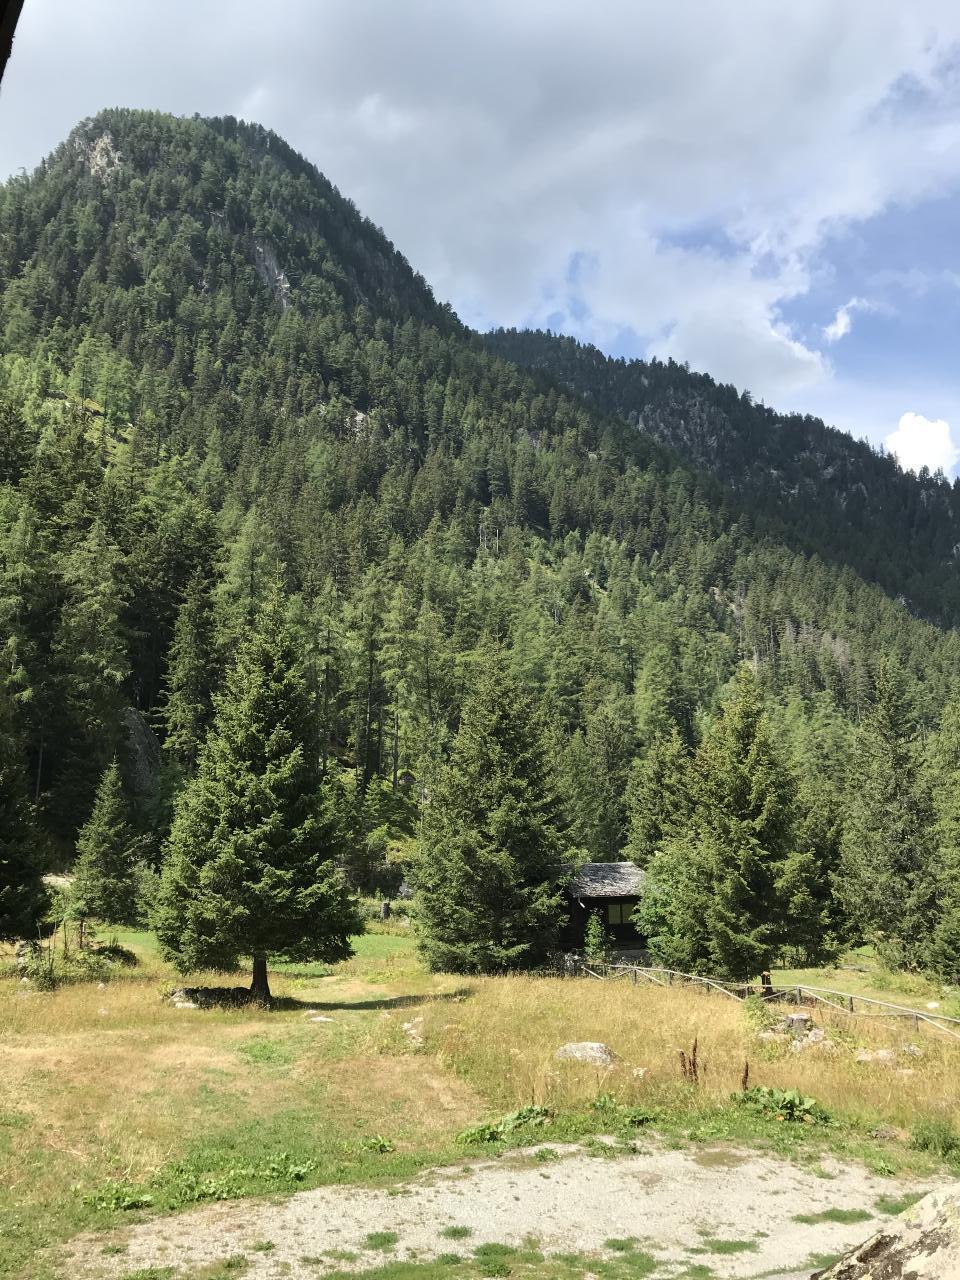 Ferienhaus Chalet Le Grandzon **** (bis 8 Personen) (2513703), Champex-Lac, Val d'Entremont, Wallis, Schweiz, Bild 14